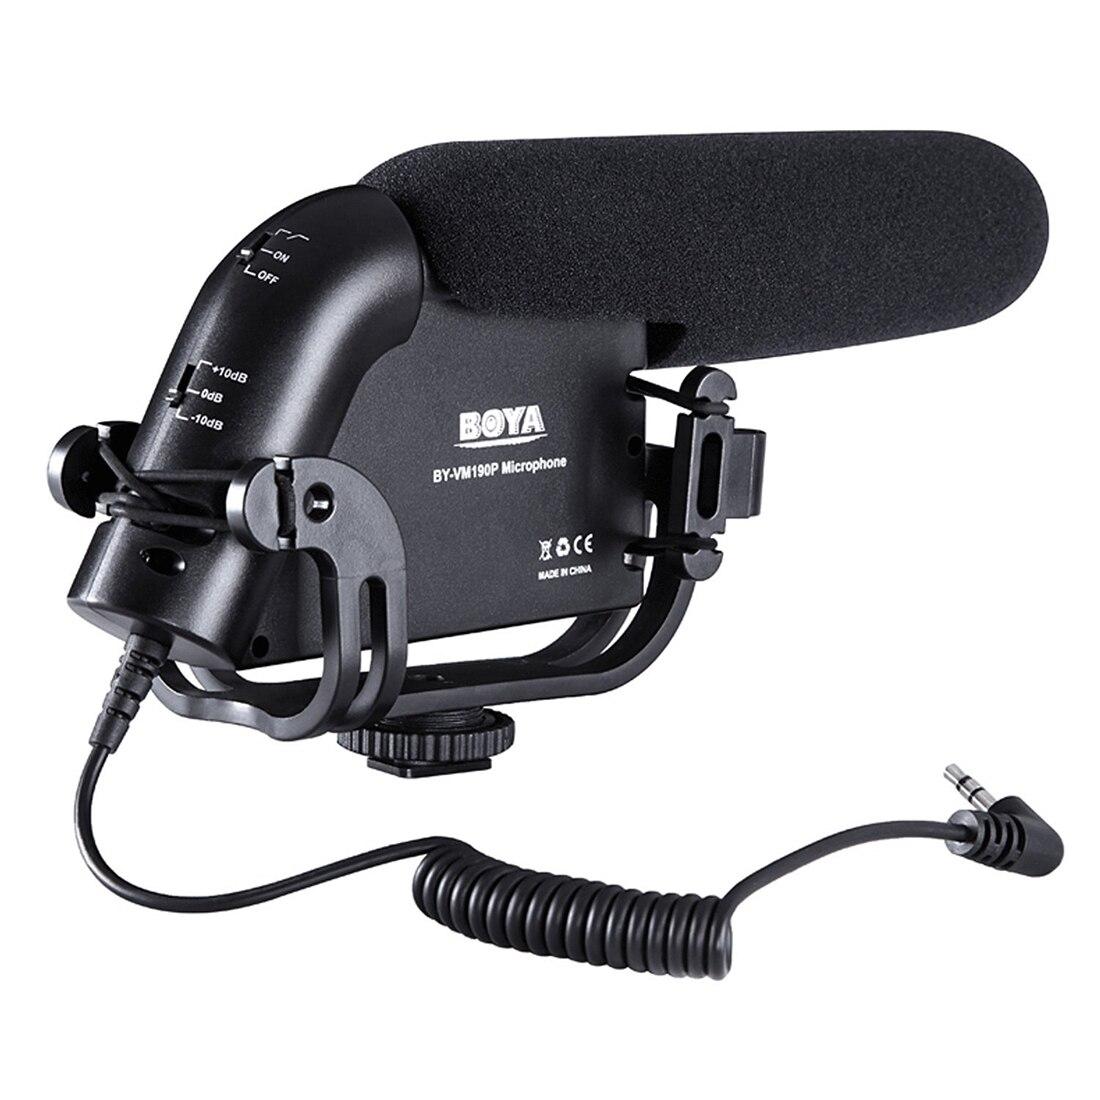 BOYA BY-VM190P Vidéo Microphone À Condensateur pour DSLR Vidéo Caméras avec Suspension Montage, 2-Étape Filtre Passe-Haut